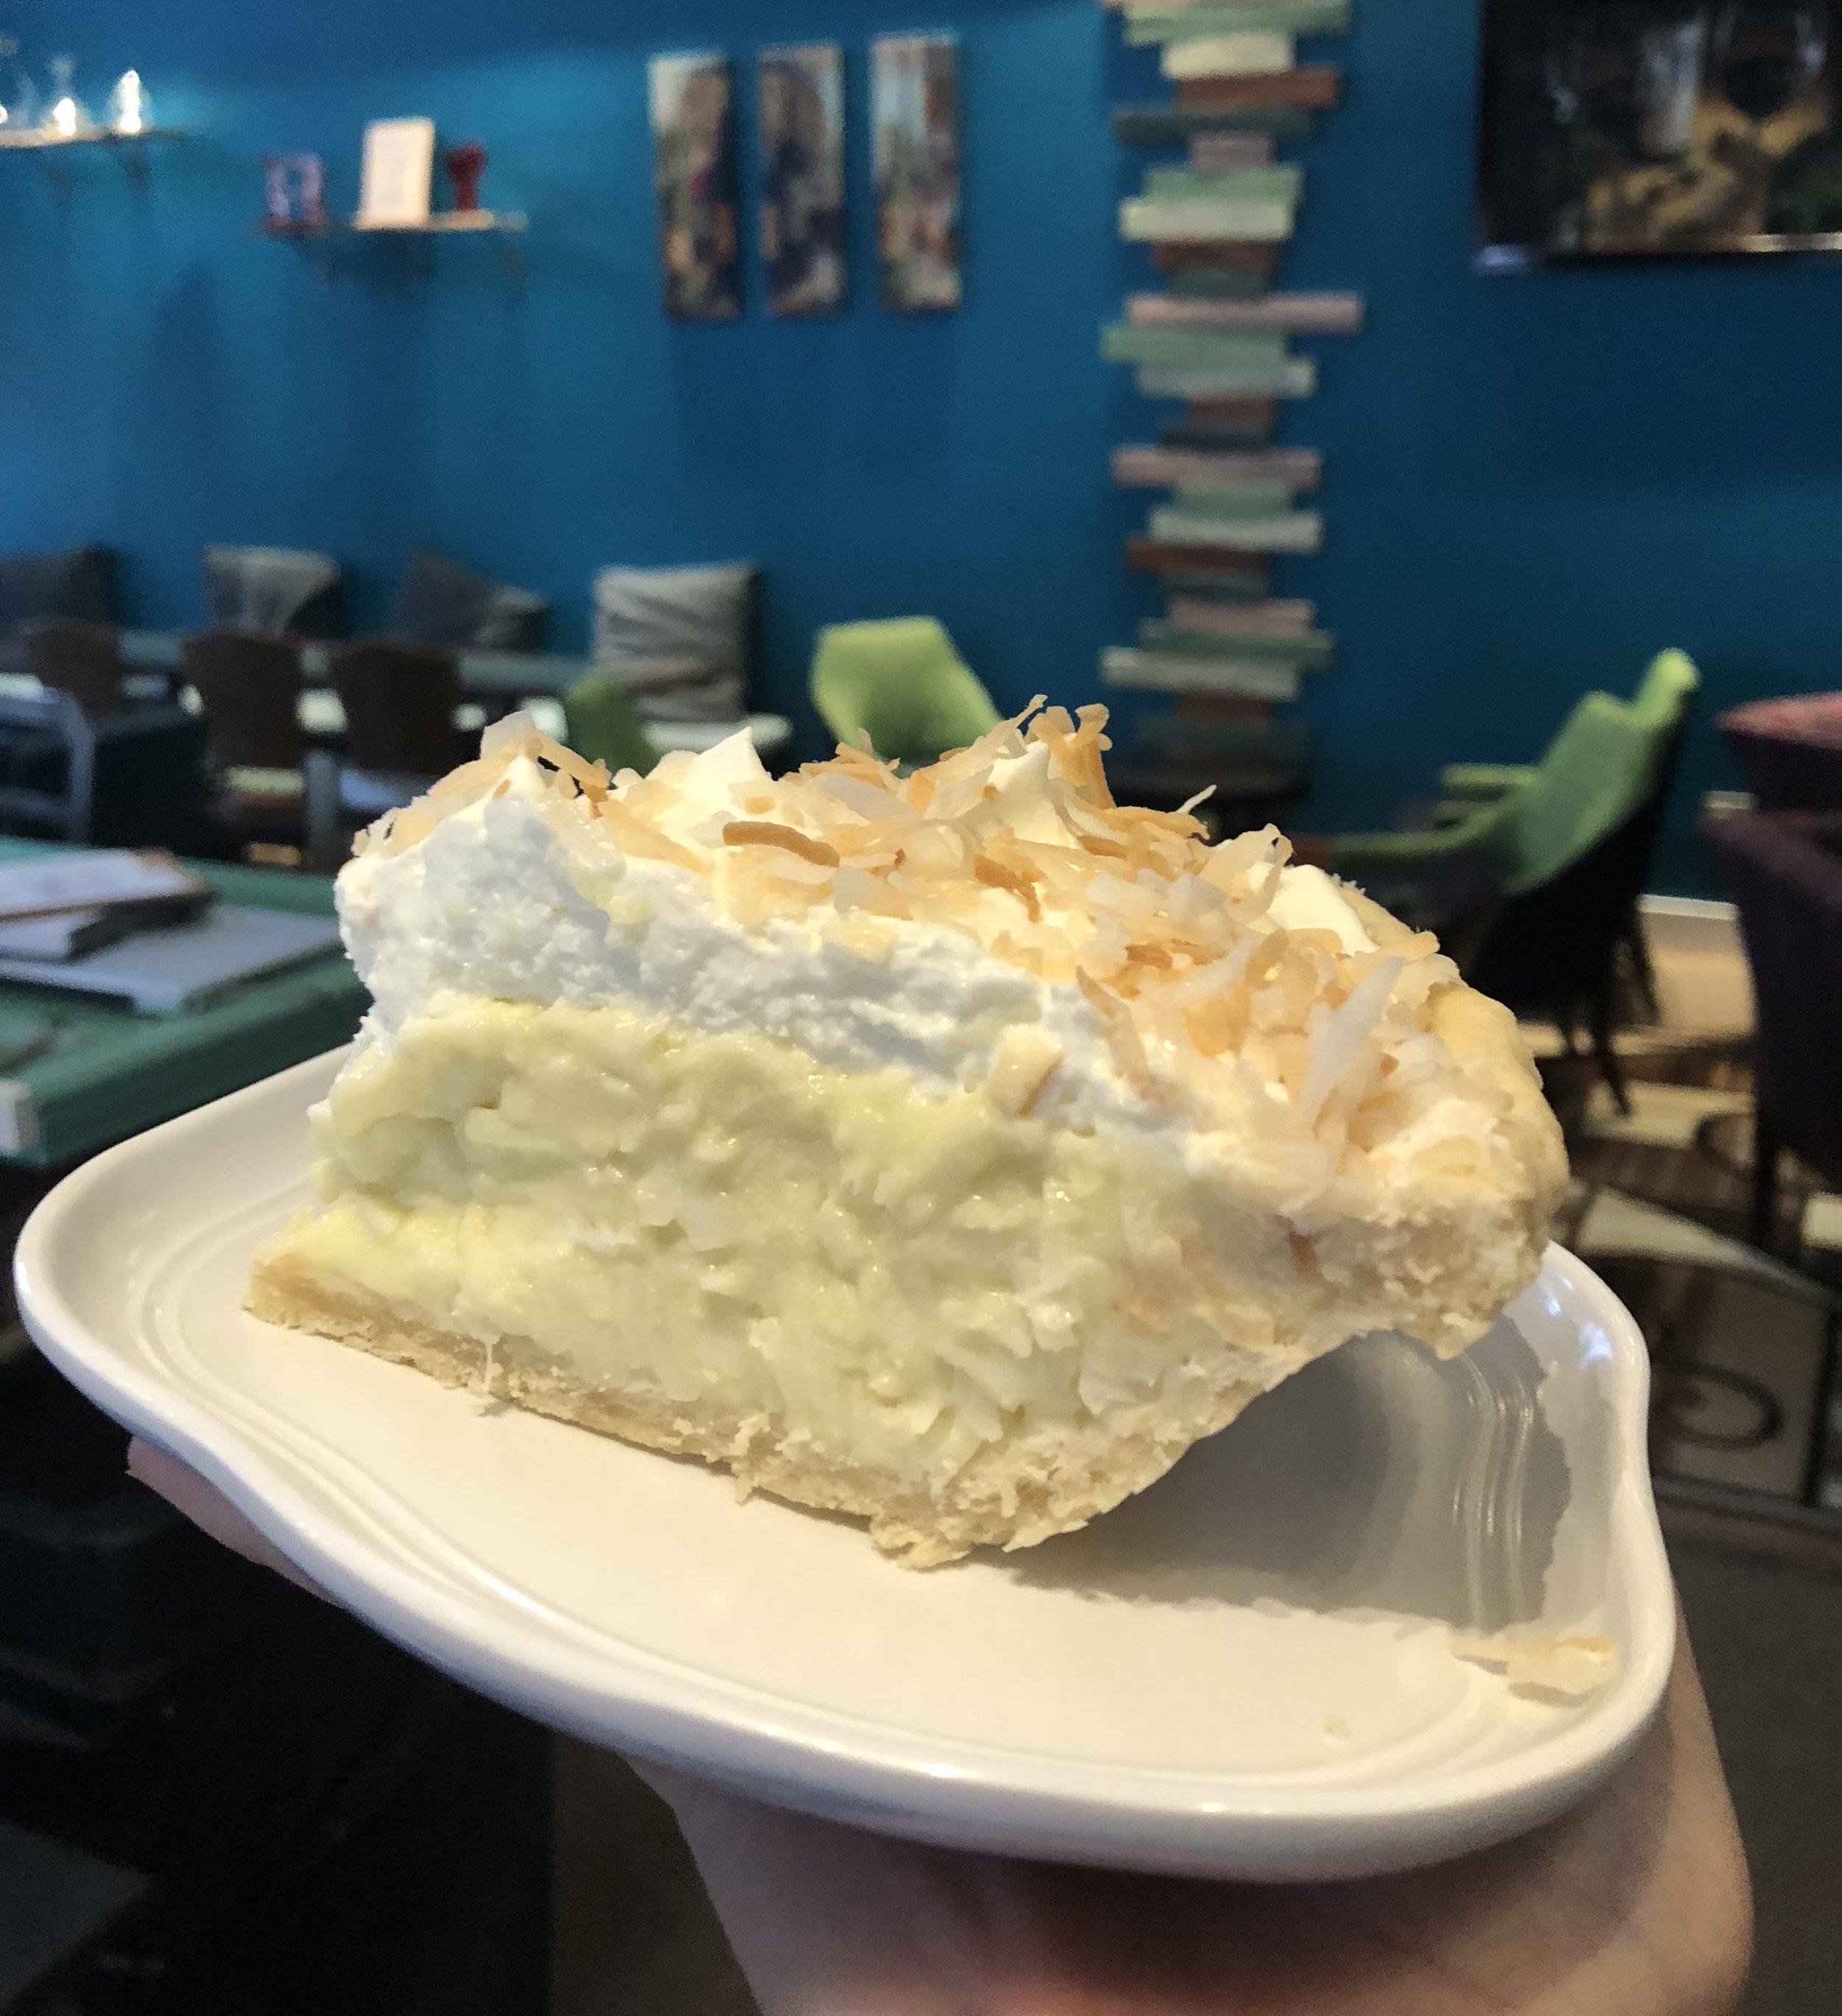 Coconut Cream Pie, this weekend's featured dessert!